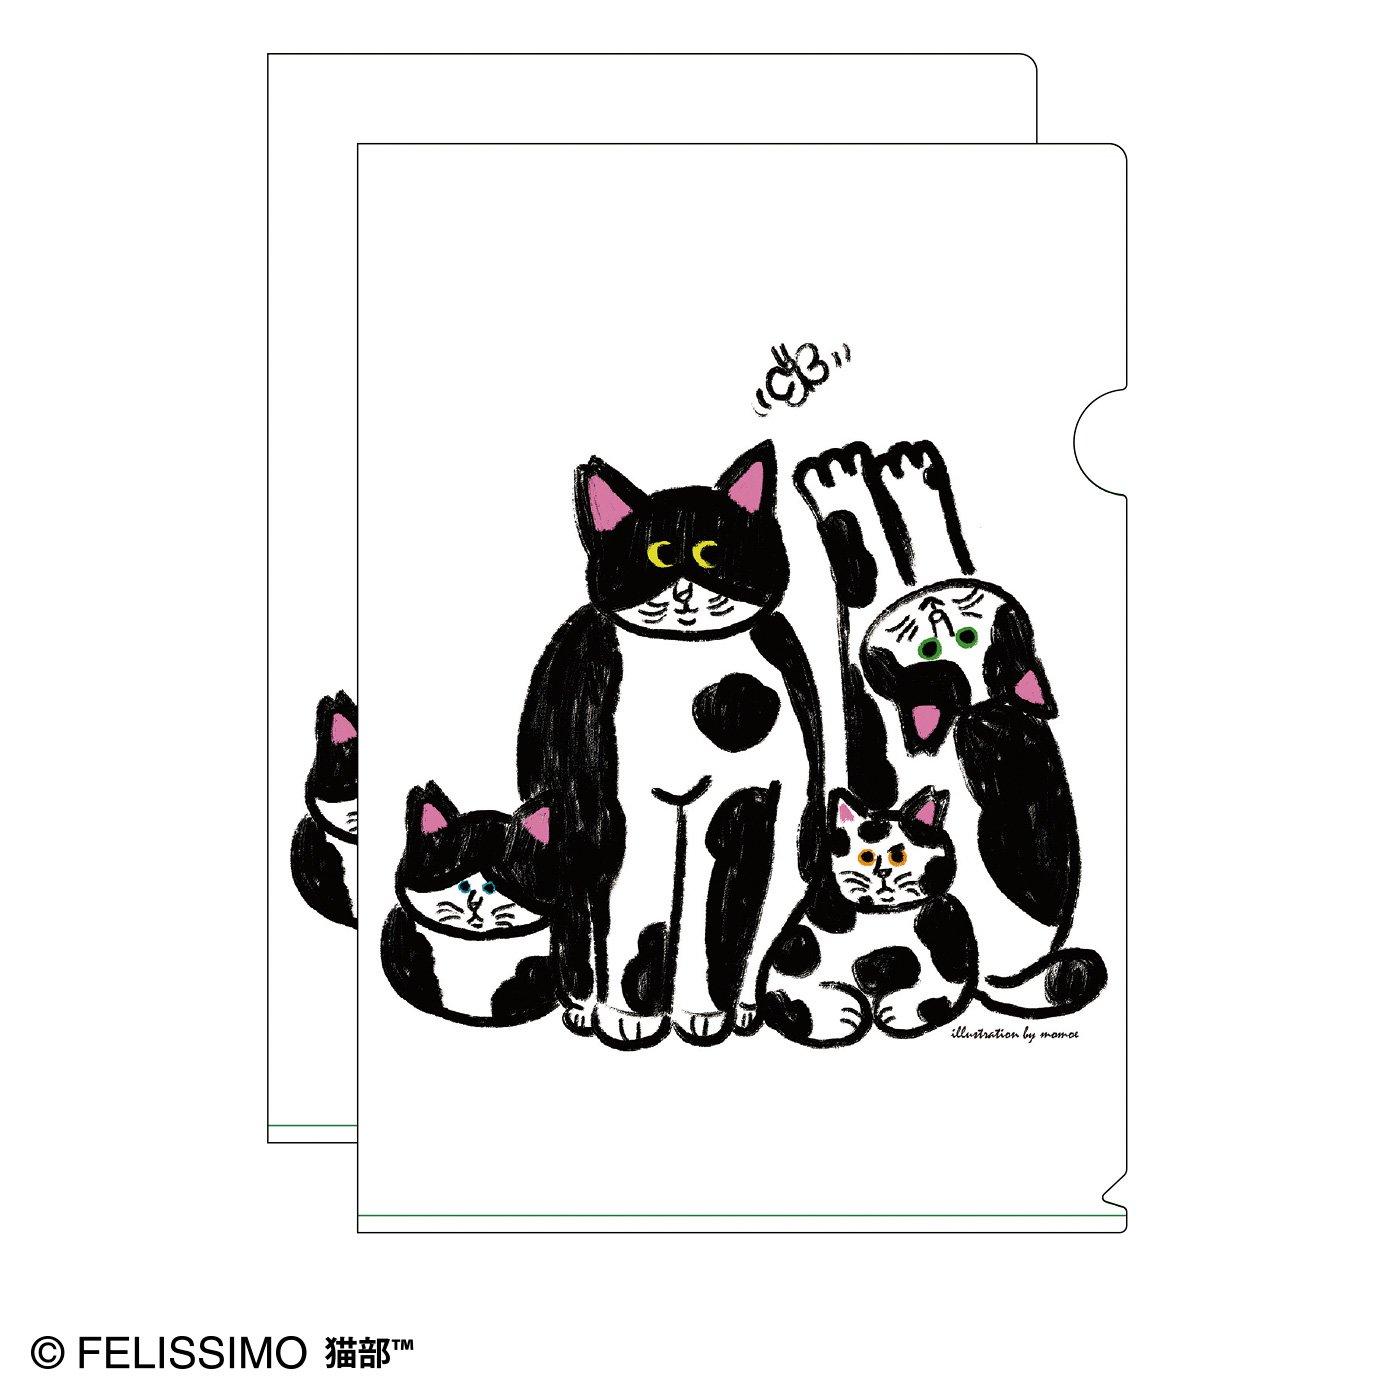 猫部×momoe 地域猫チャリティークリアファイル2020